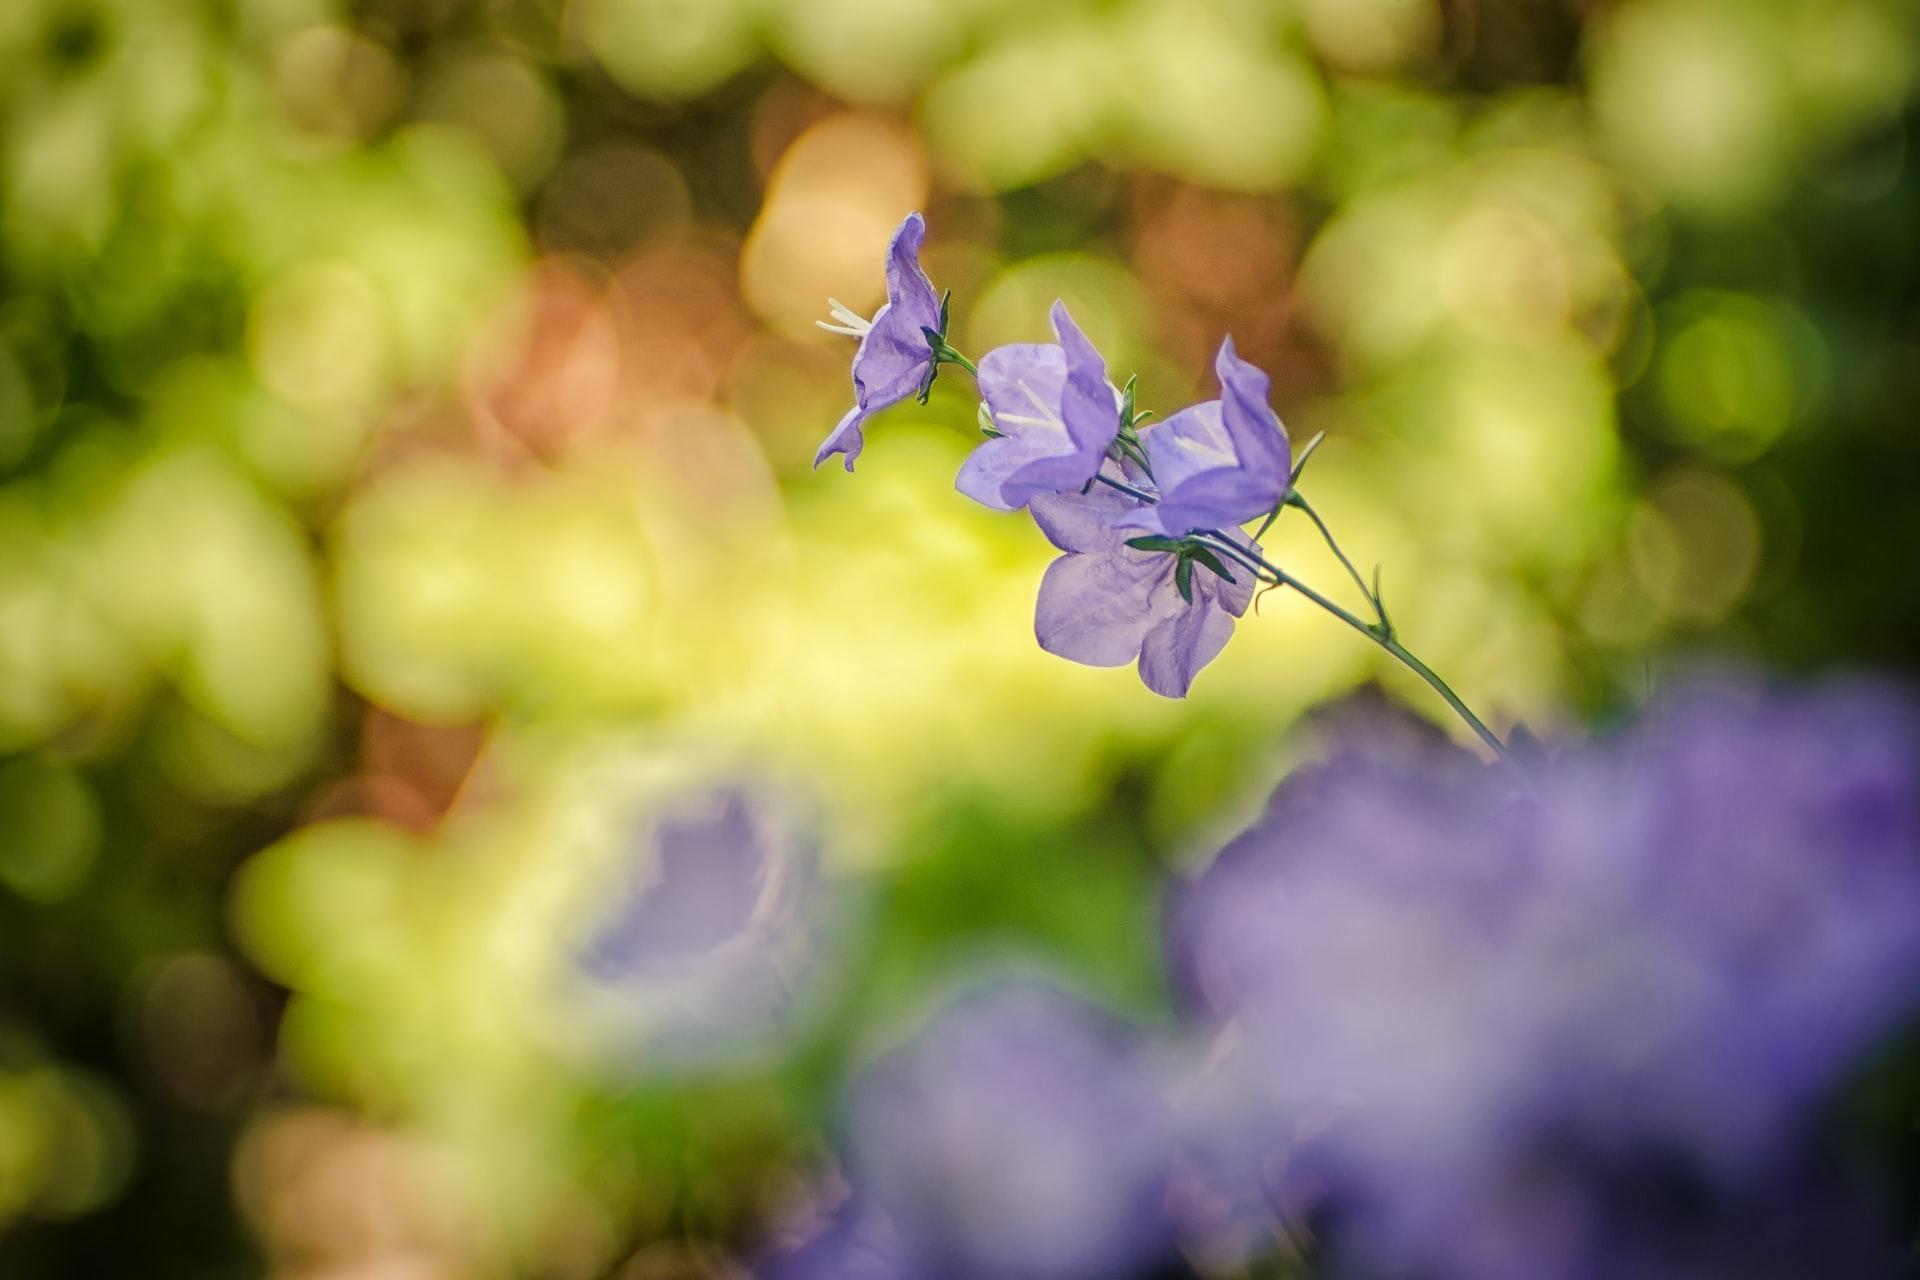 Lille blå blomsy